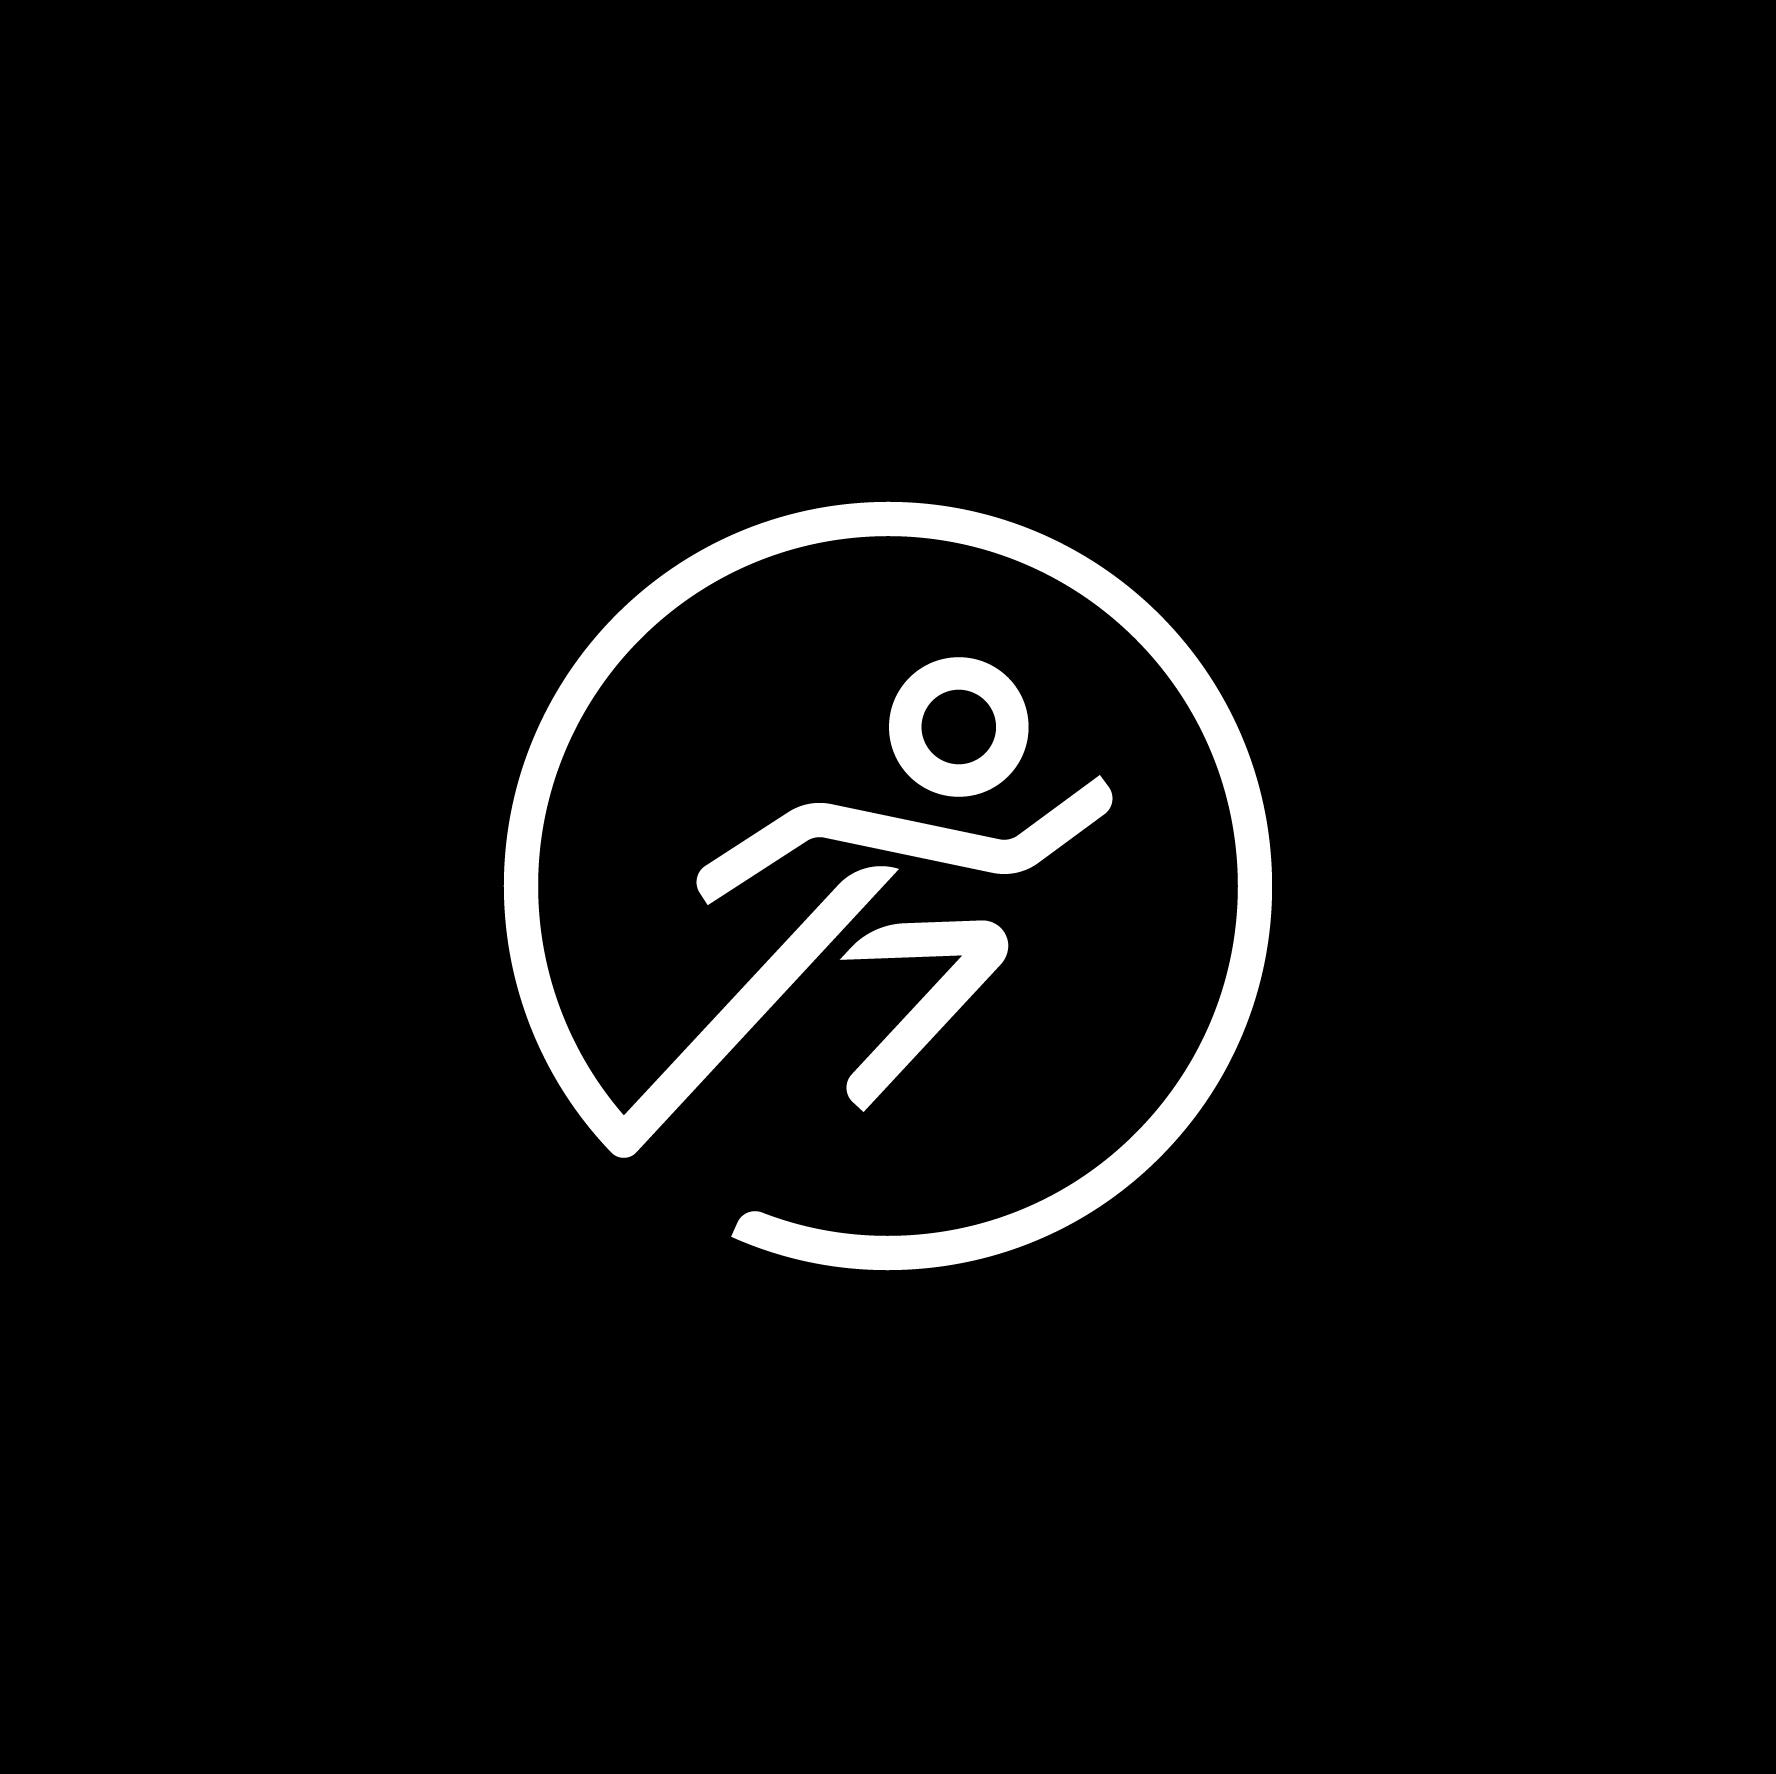 logo for Pricerunner